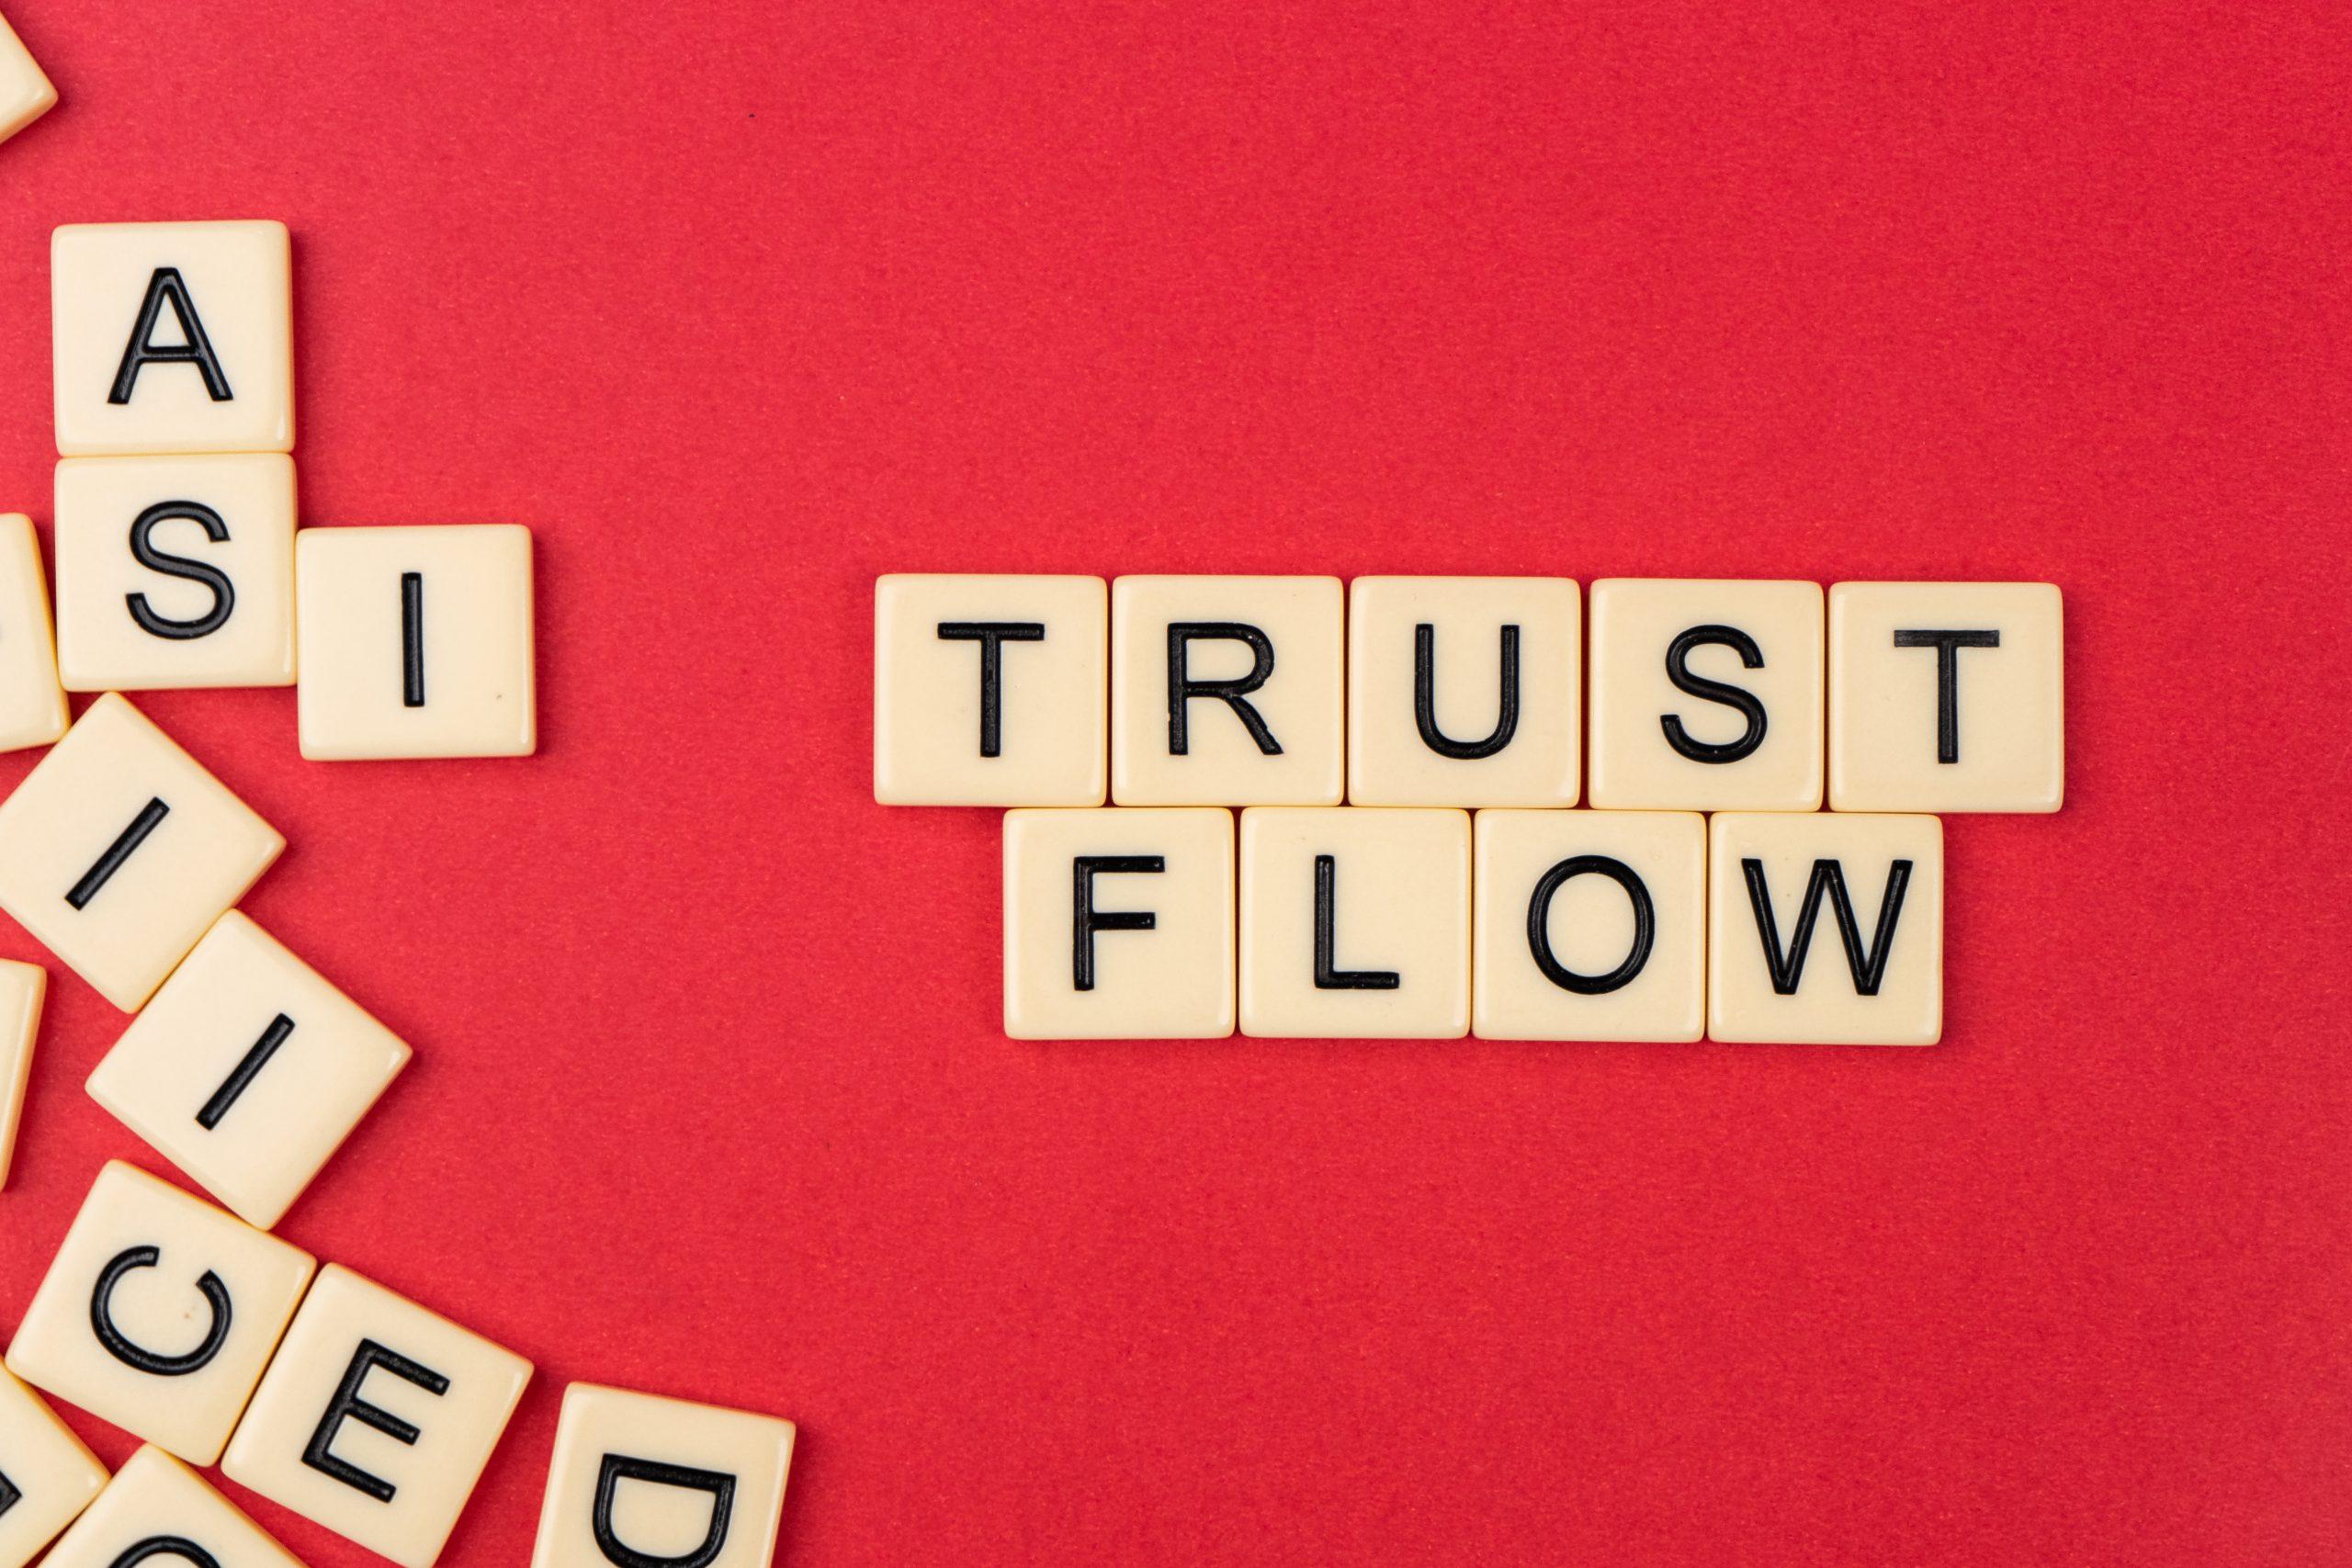 Trust flow written with scrabble